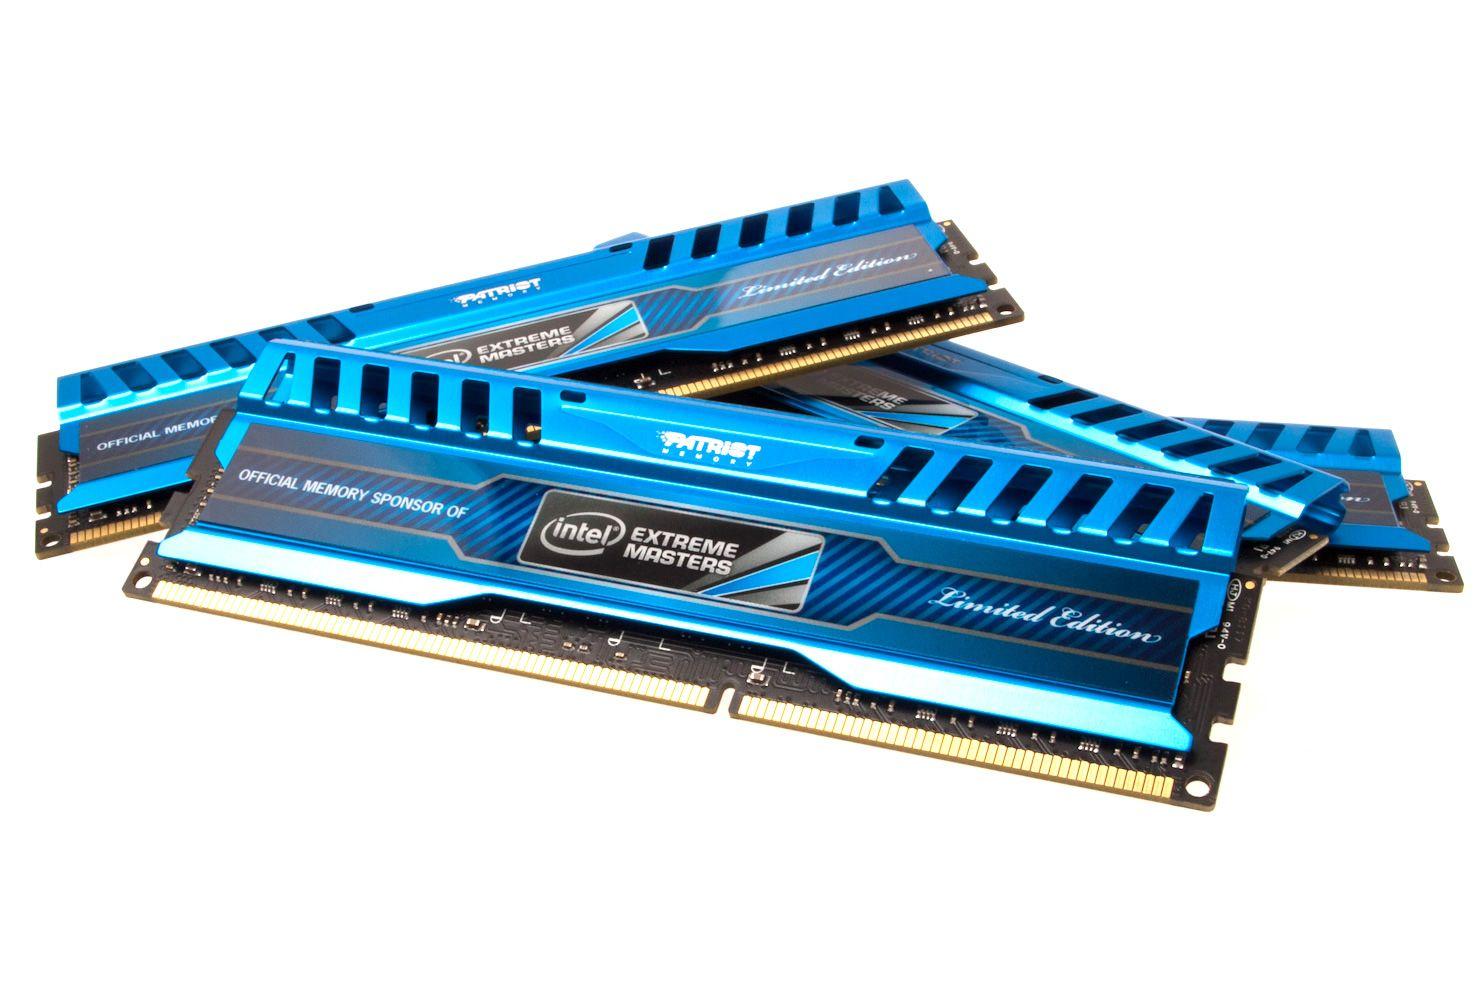 Patriot Intel Extreme Masters 16 GB 1866 MHz er de heftigste minnebrikkene vi har på bakrommet.Foto: Varg Aamo, Hardware.no